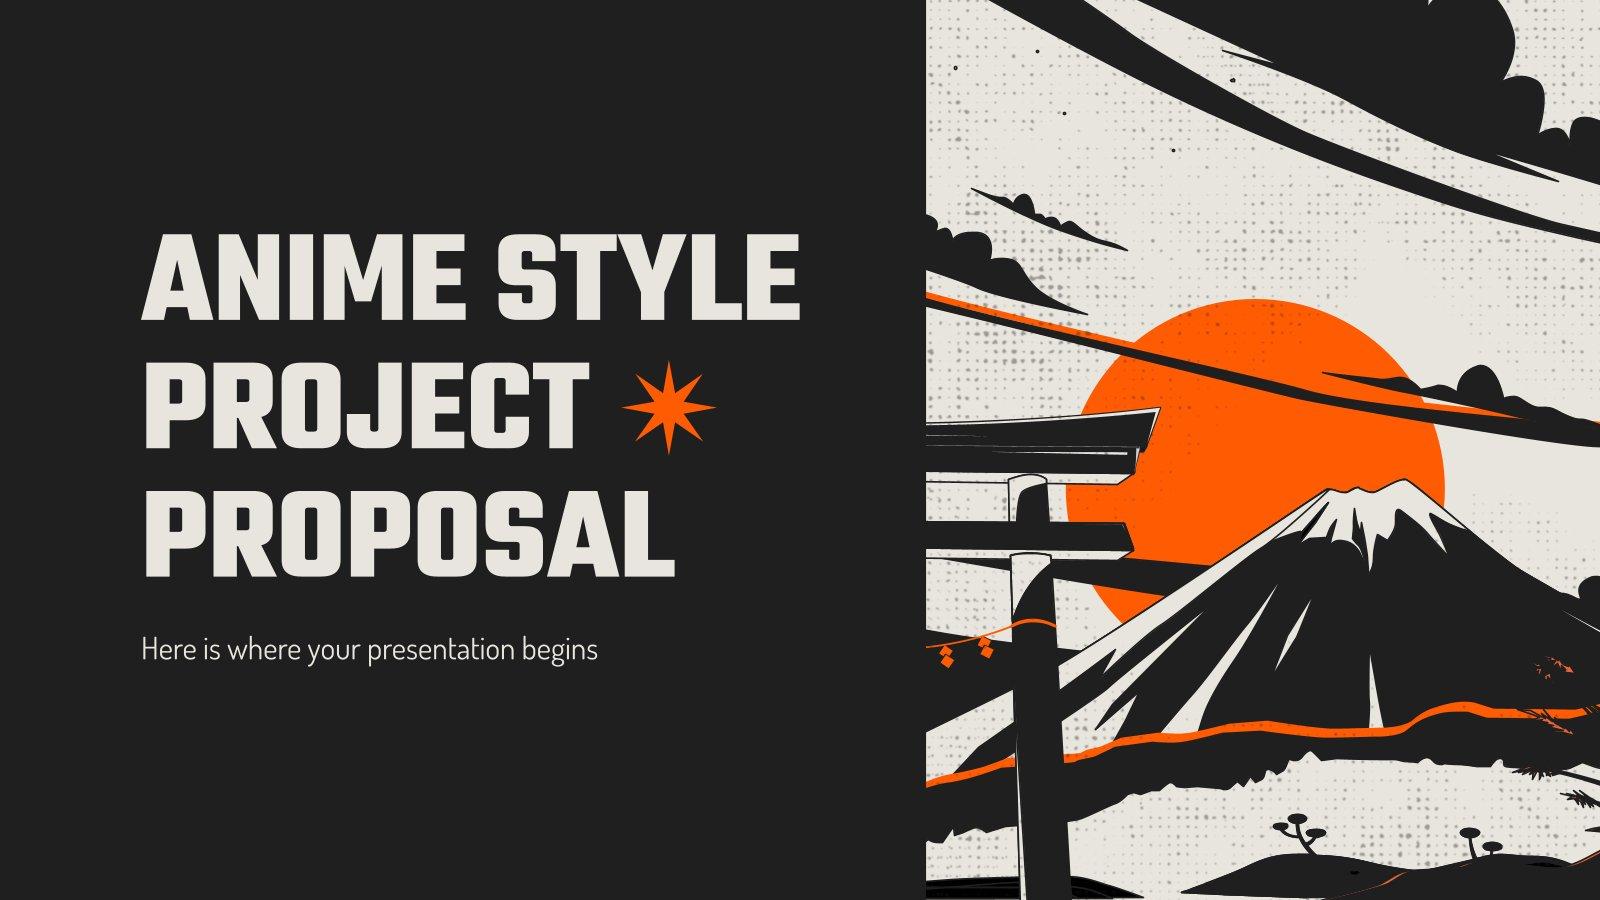 Proposition de projet de style japonais : Modèles de présentation